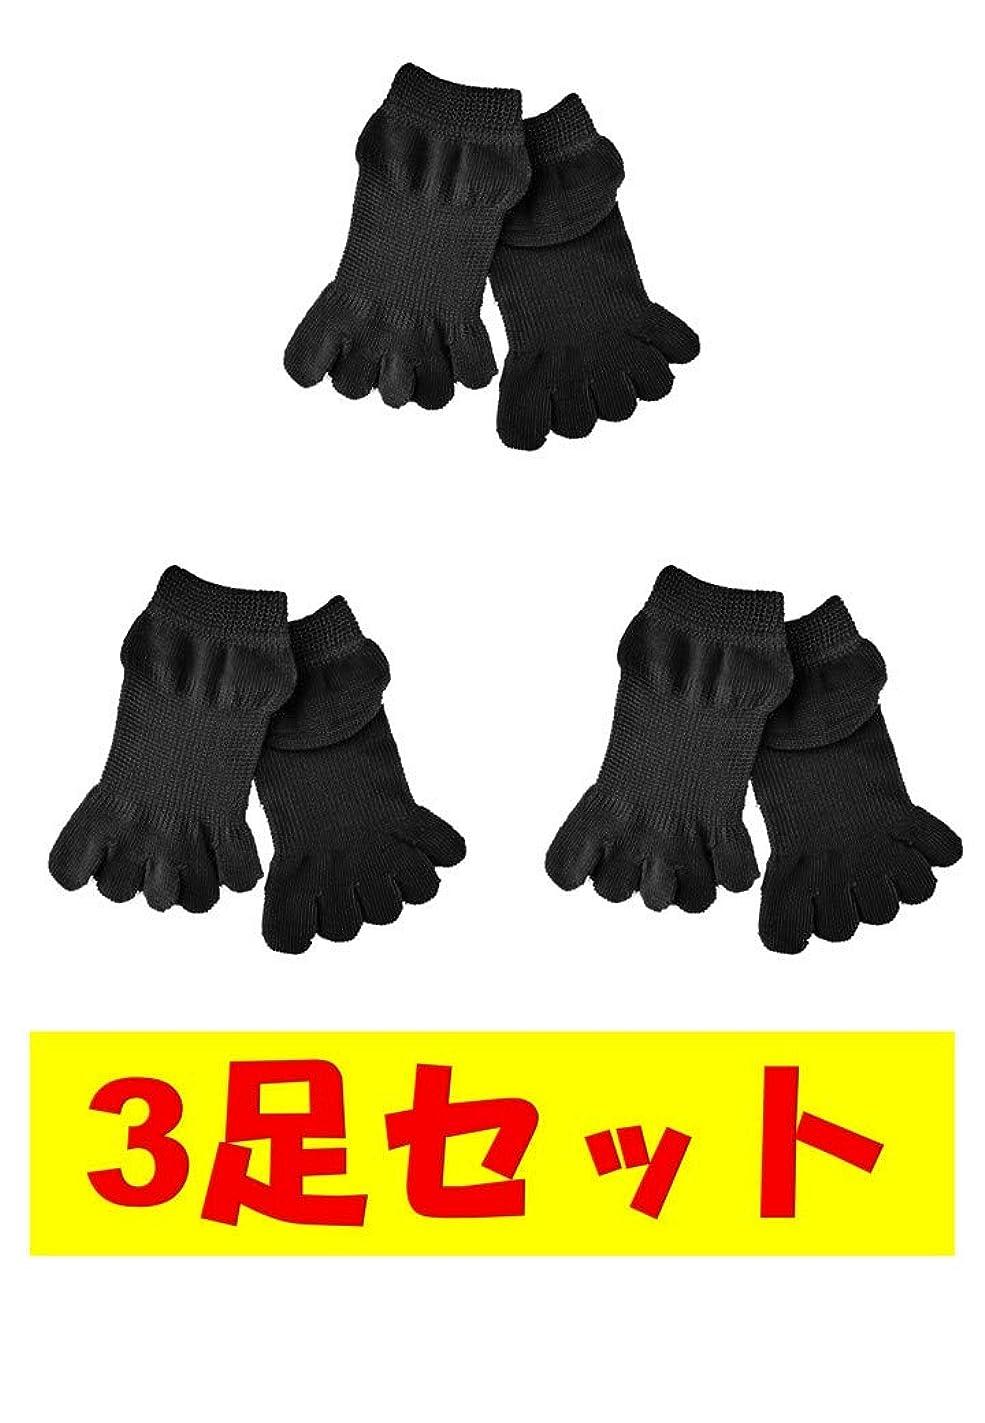 落花生融合速報お買い得3足セット 5本指 ゆびのばソックス ゆびのば アンクル ブラック Mサイズ 25.0cm-27.5cm YSANKL-BLK